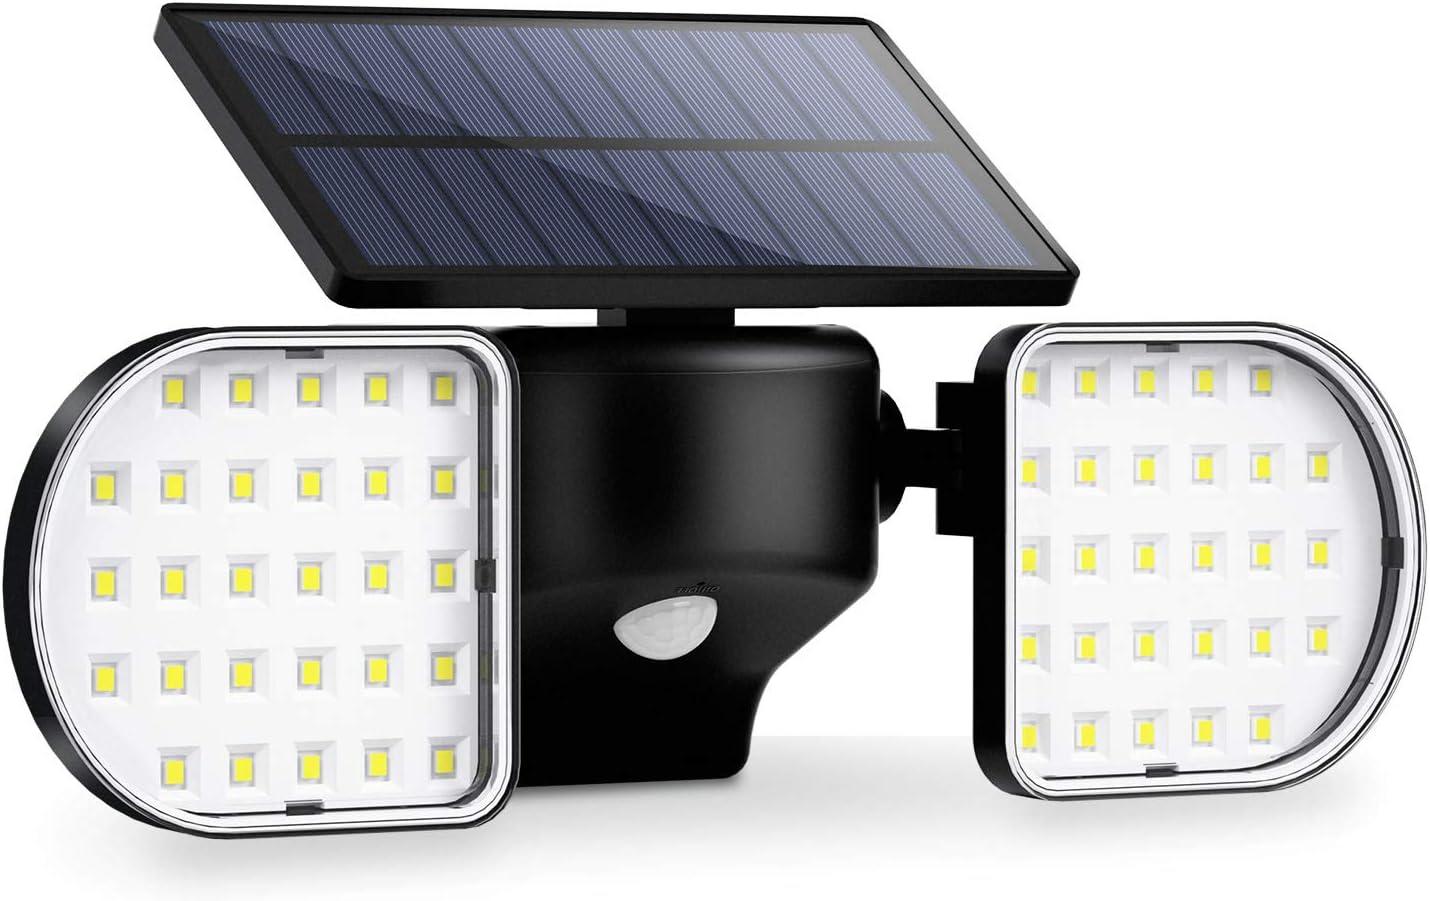 Ousfot Lumières Energie Solaire 56 DEL Solaire Lumières Détecteur de mouvement double